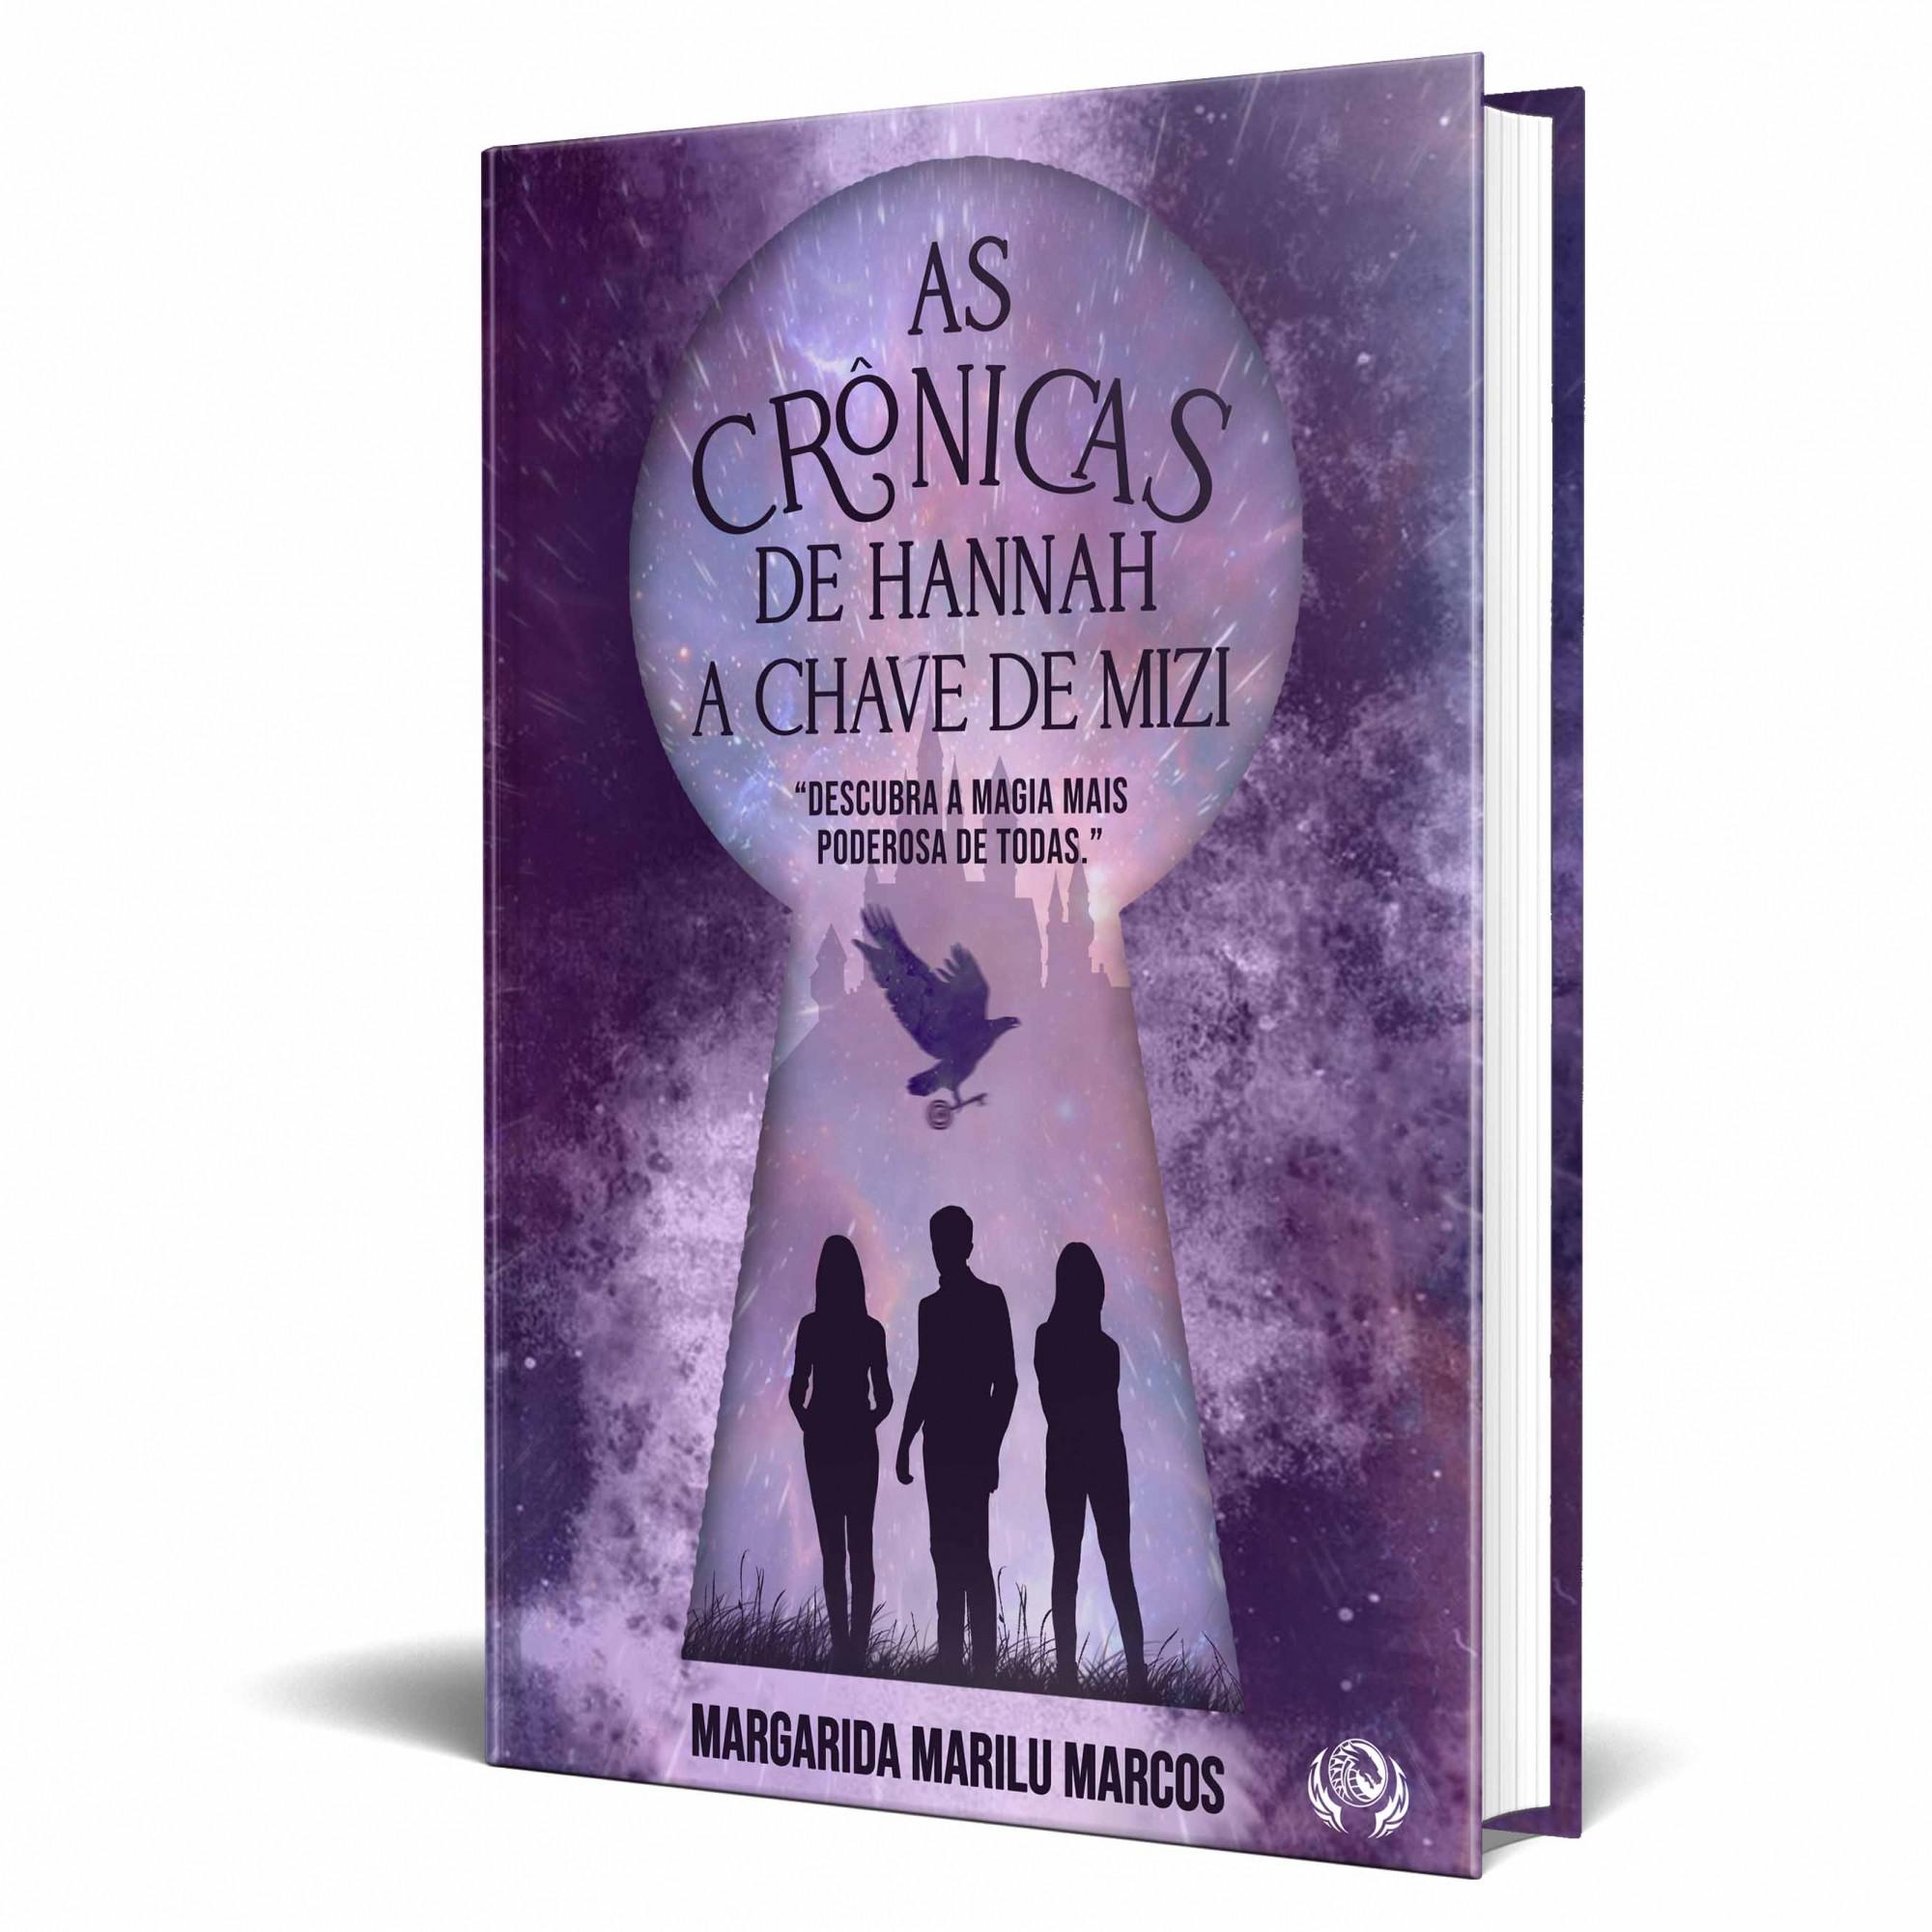 Livro As Crônicas de Hannah - A Chave de Mizi